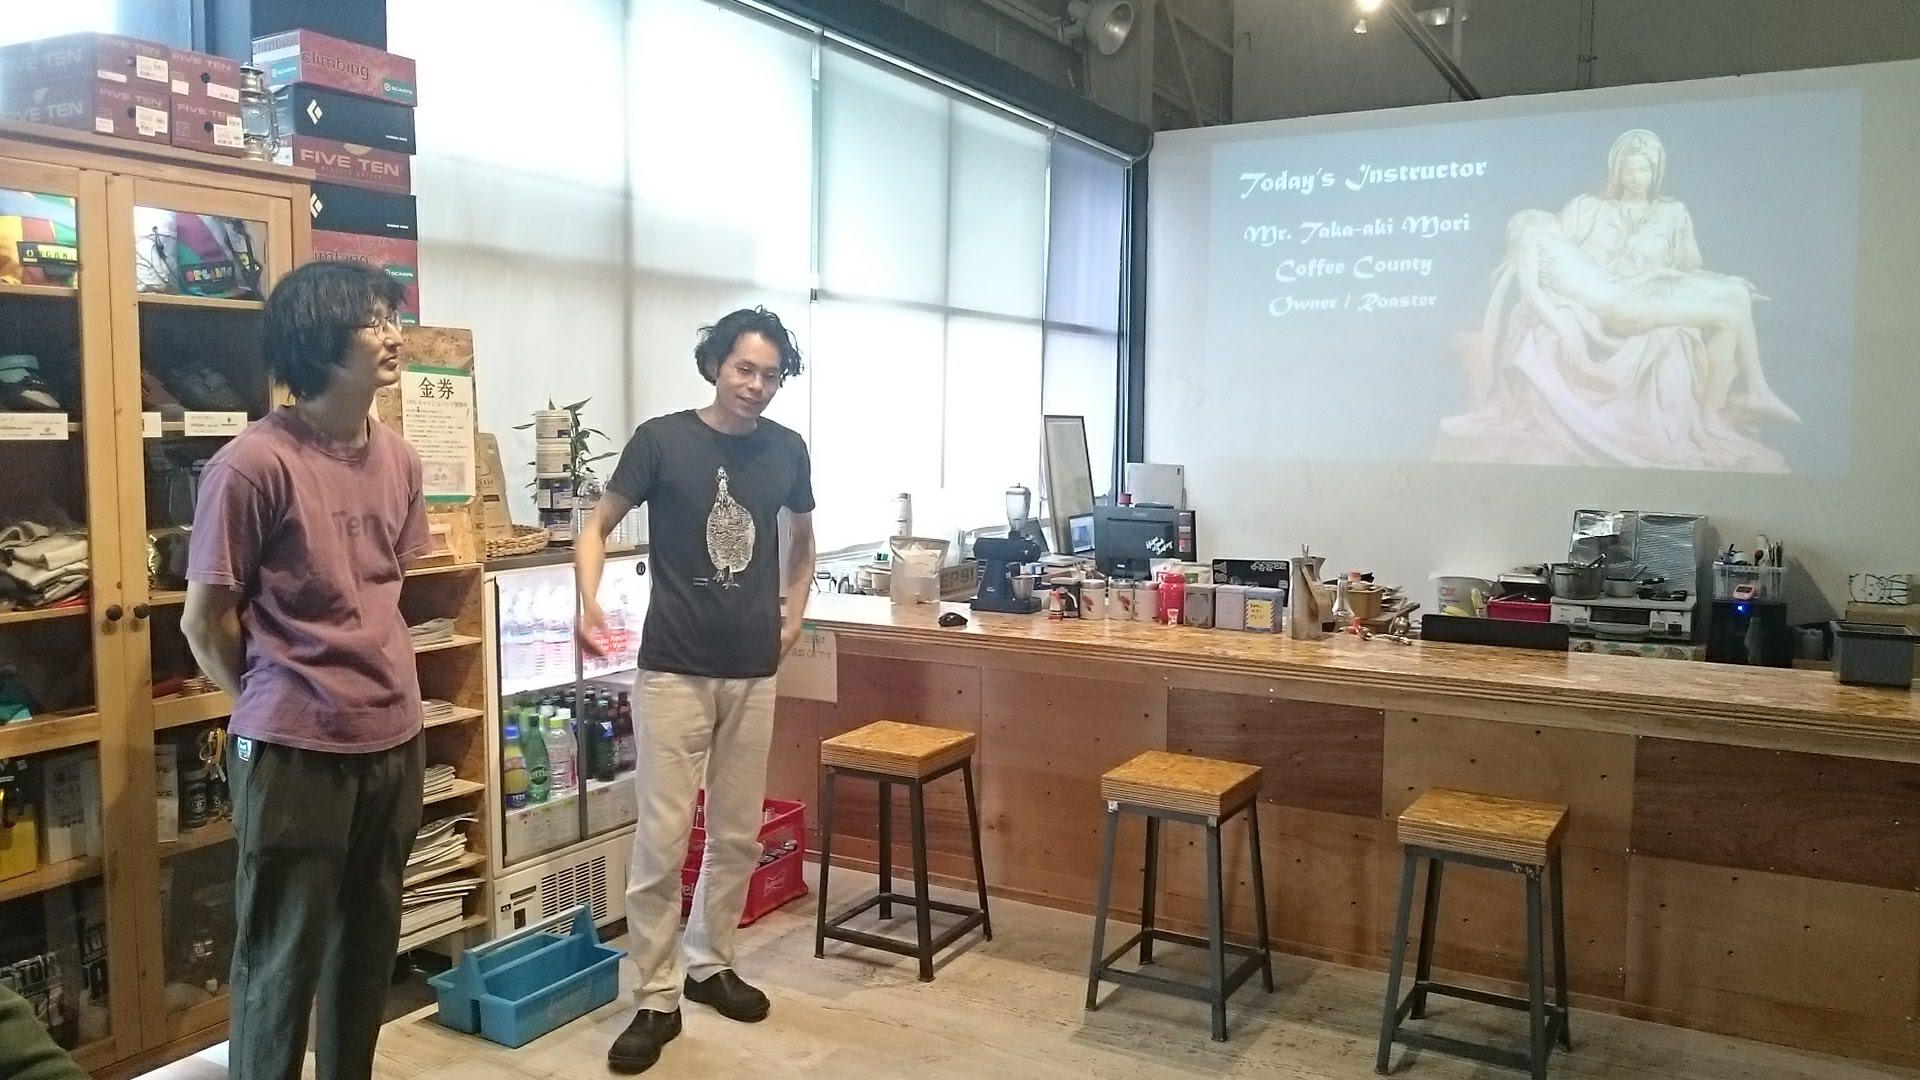 ミケランジェロとコーヒーの説明